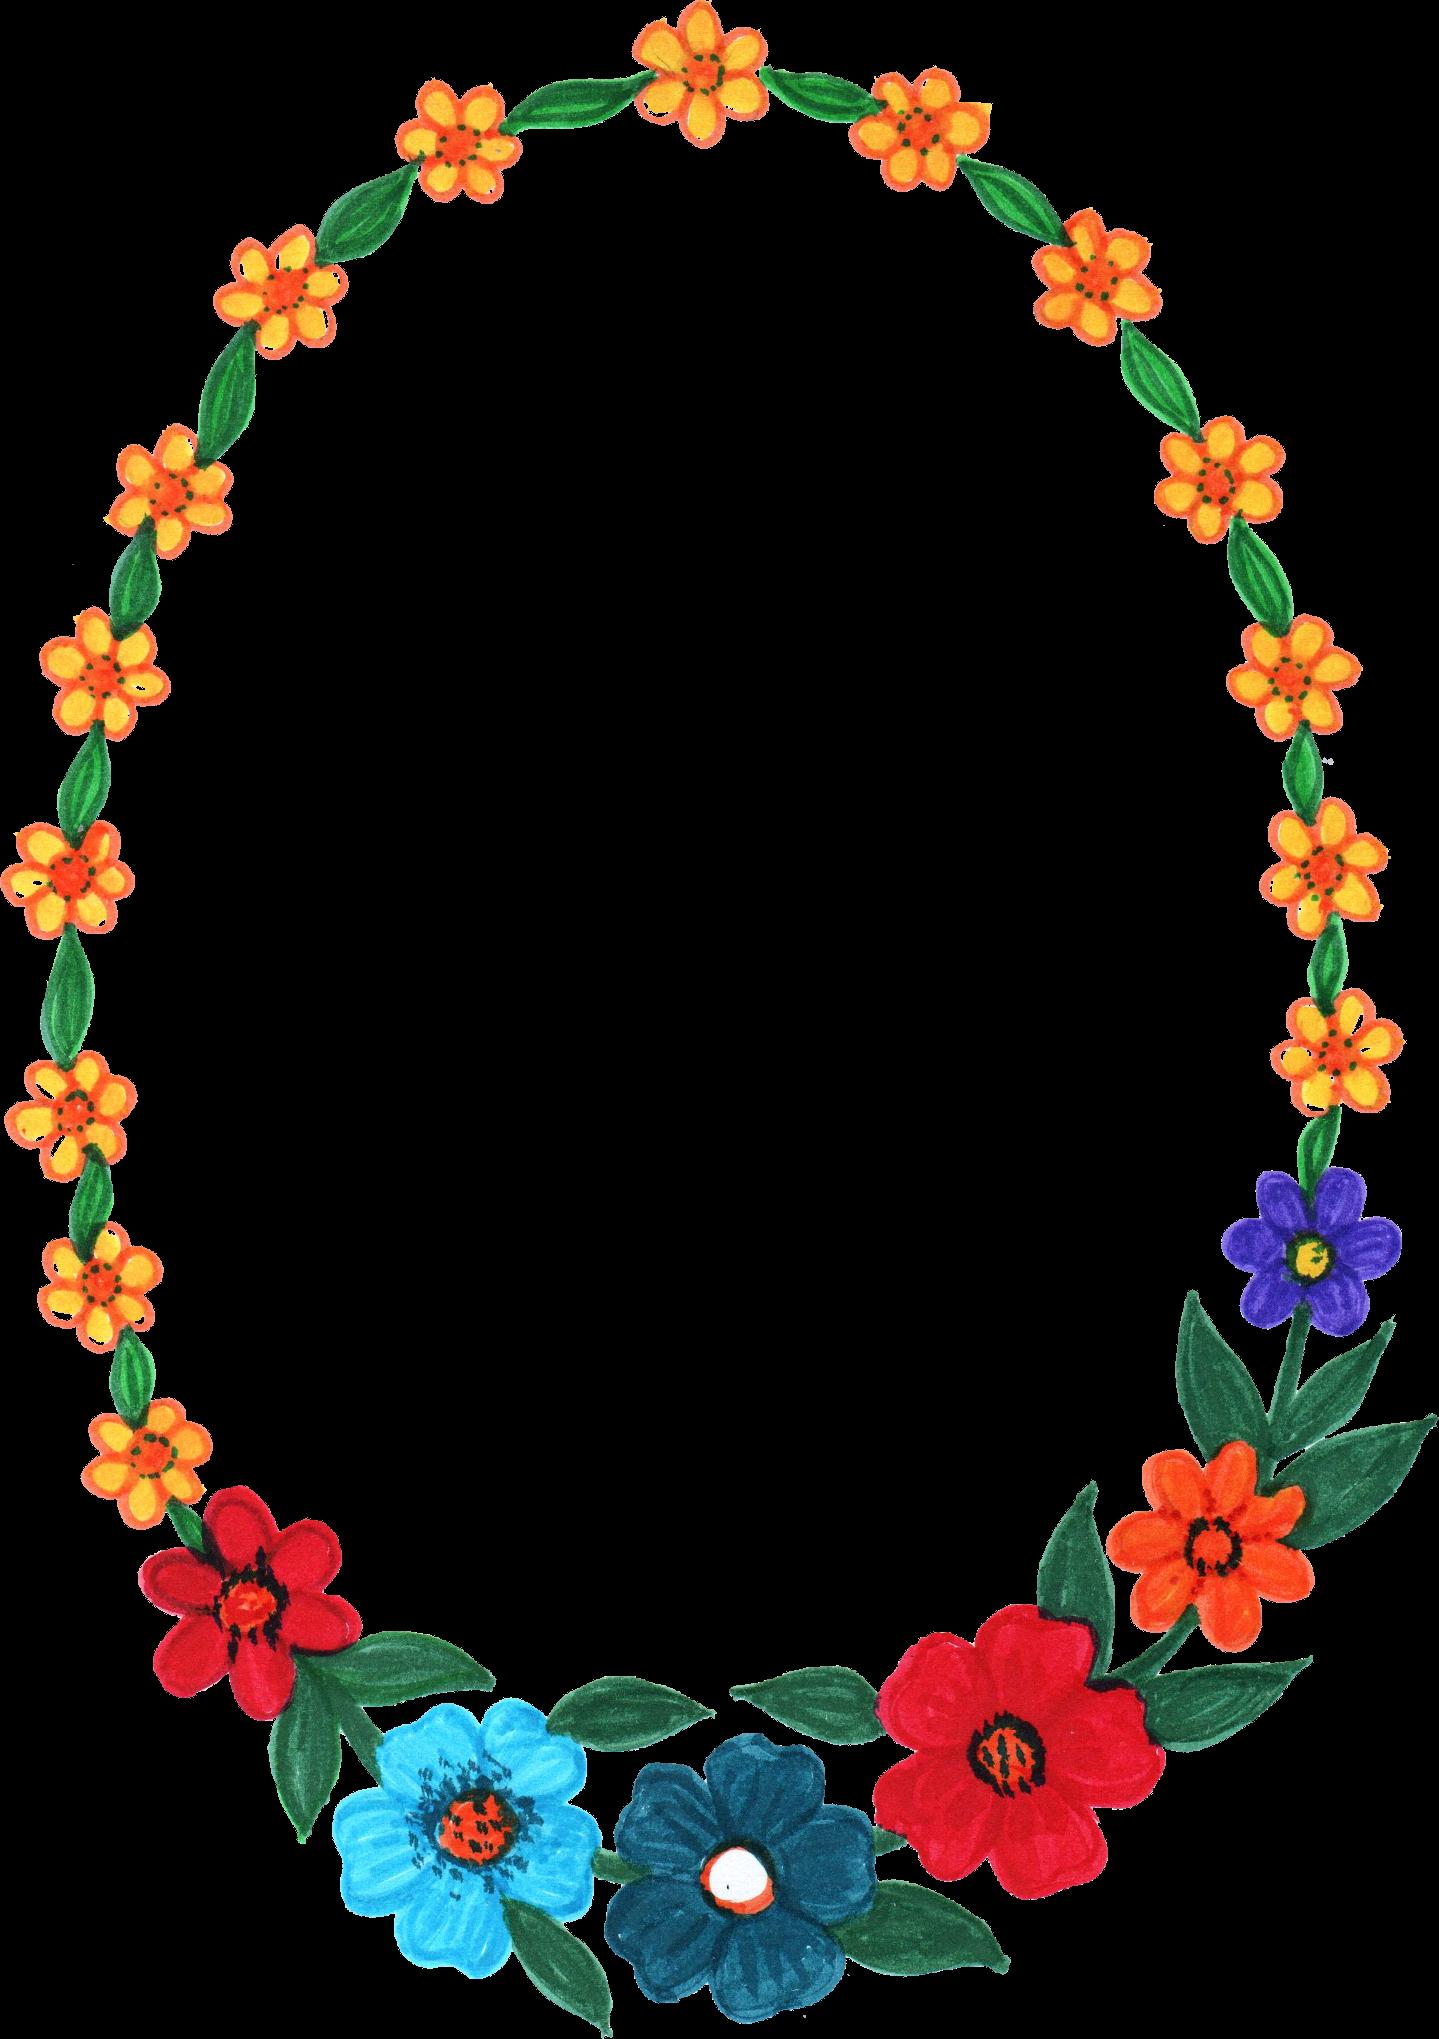 flower frame transparent. Oval border png